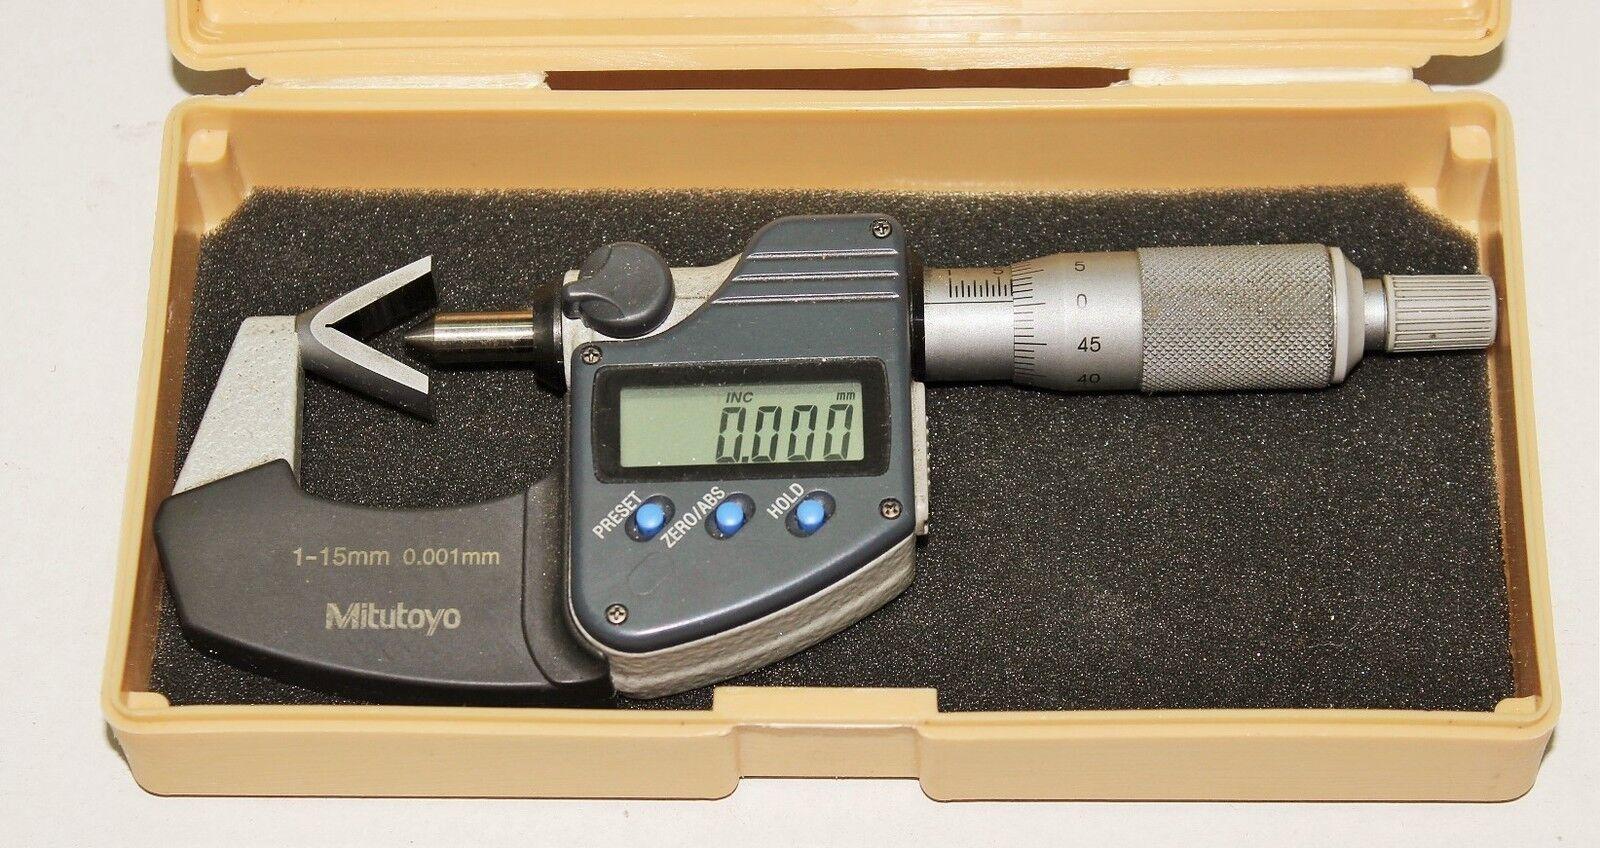 Digitale Bügelmessschraube für 3-schneidige Werkzeuge MITUTOYO - 1-15 mm 0,001